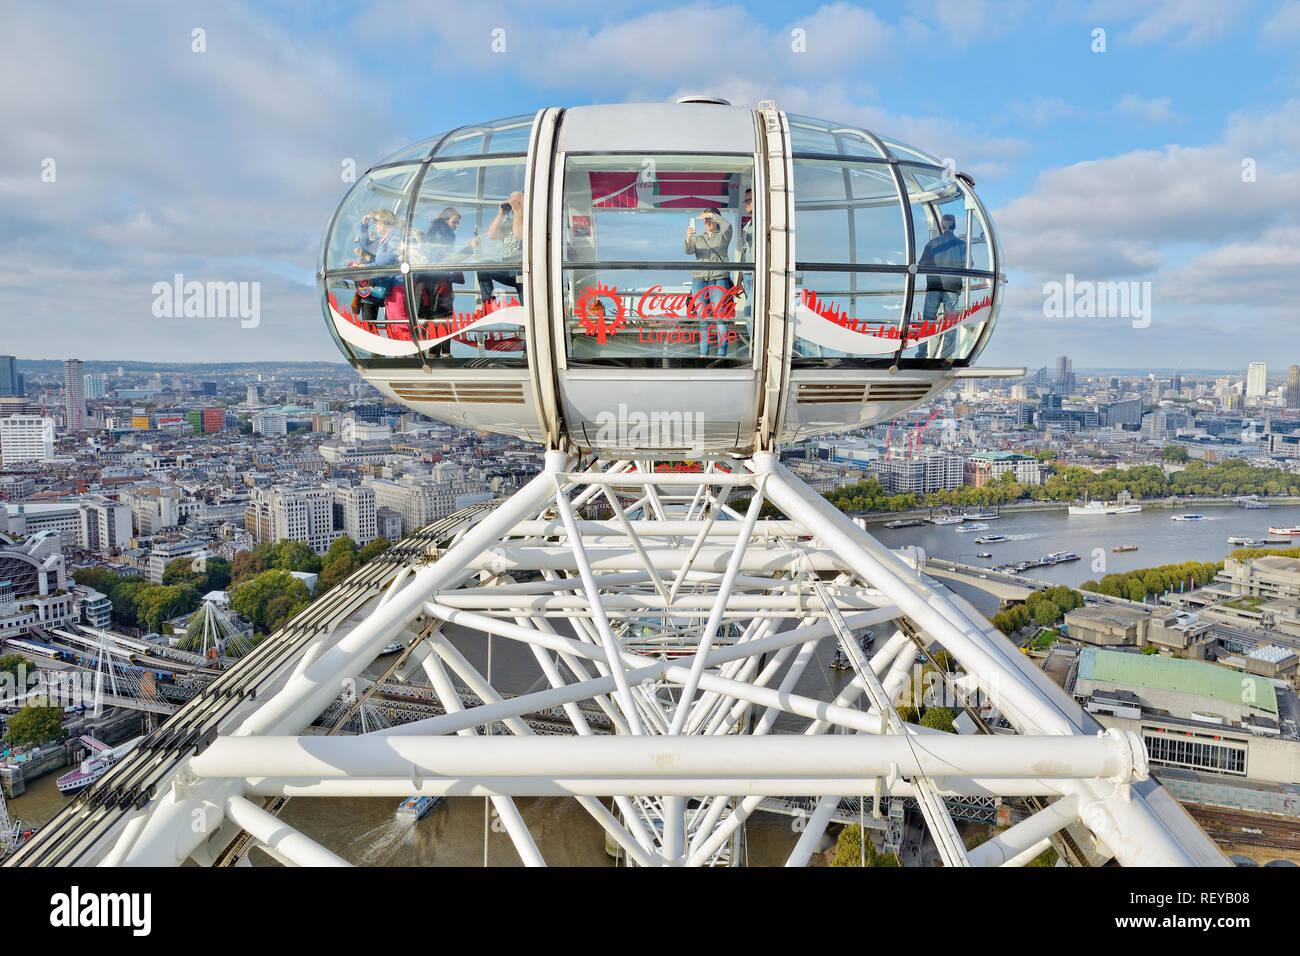 London Eye Capsule, London, England, United Kingdom - Stock Image